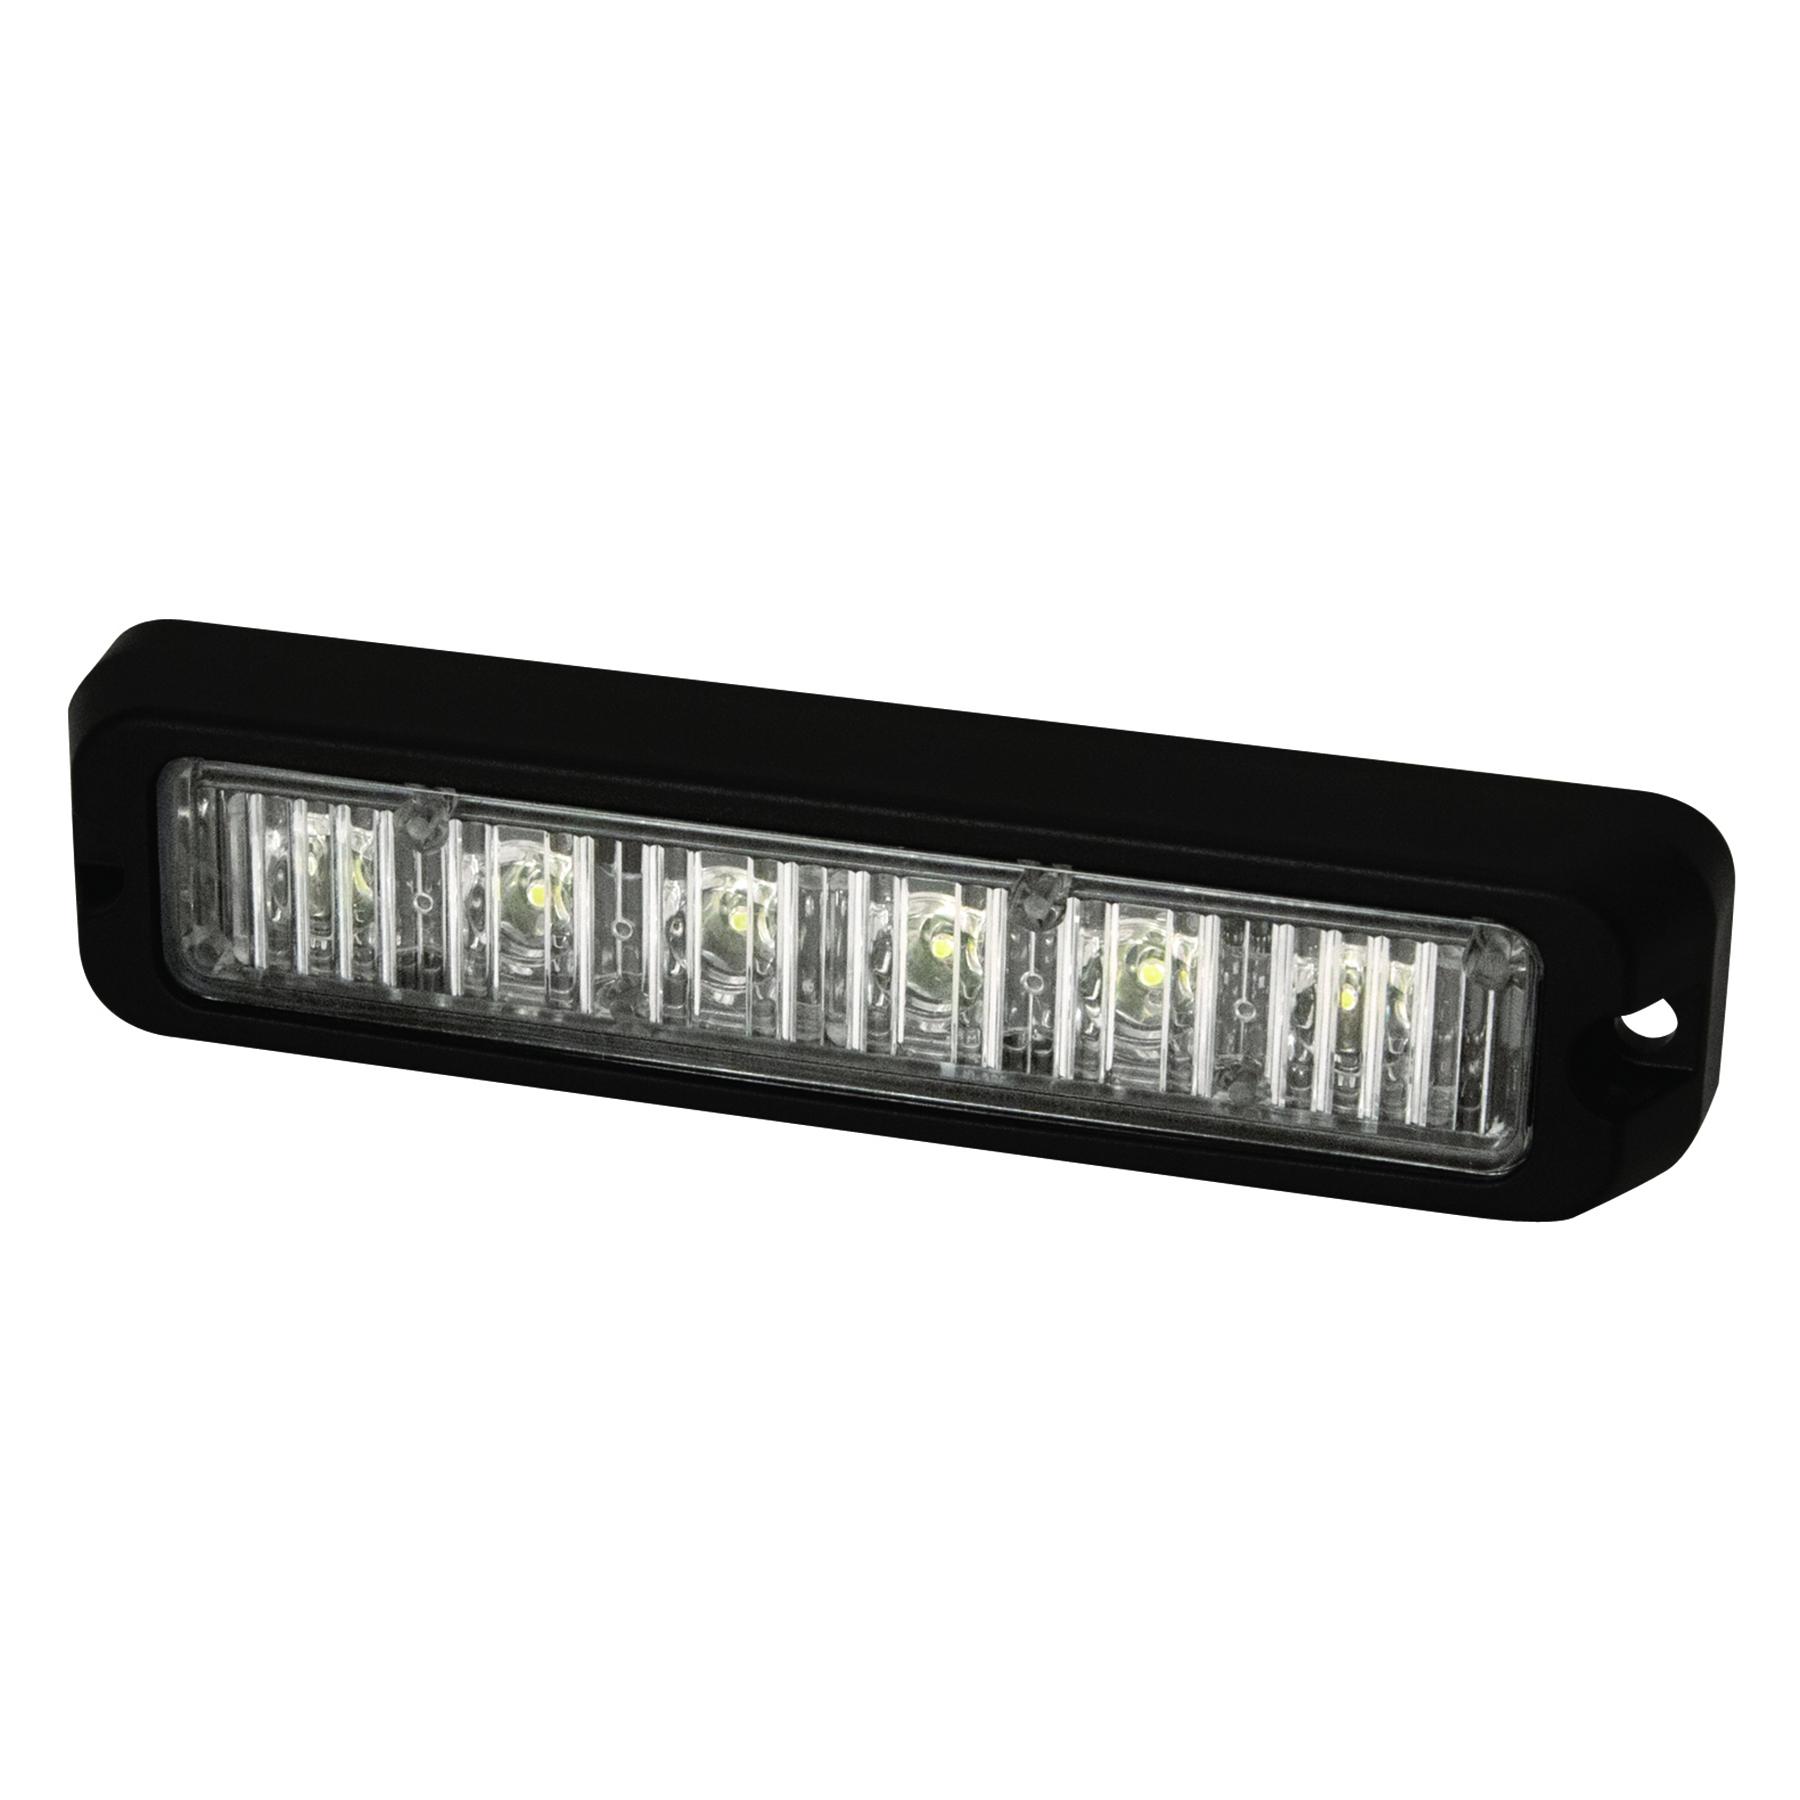 LED Sae Class I Multi Mount - 12/24v - ED3706A